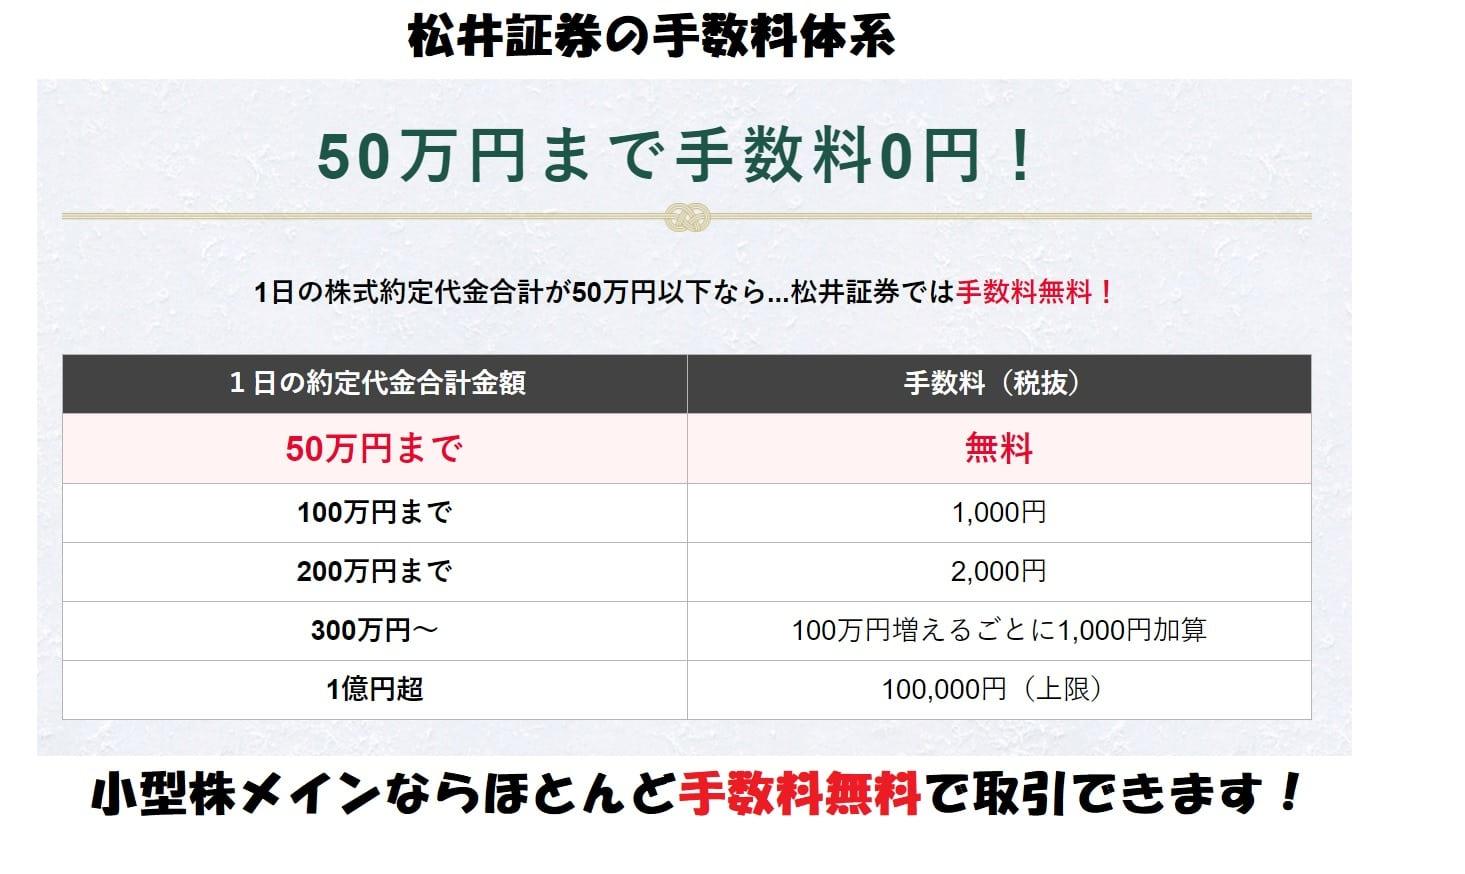 松井証券の手数料体系 1日約定代金50万円未満なら無料!